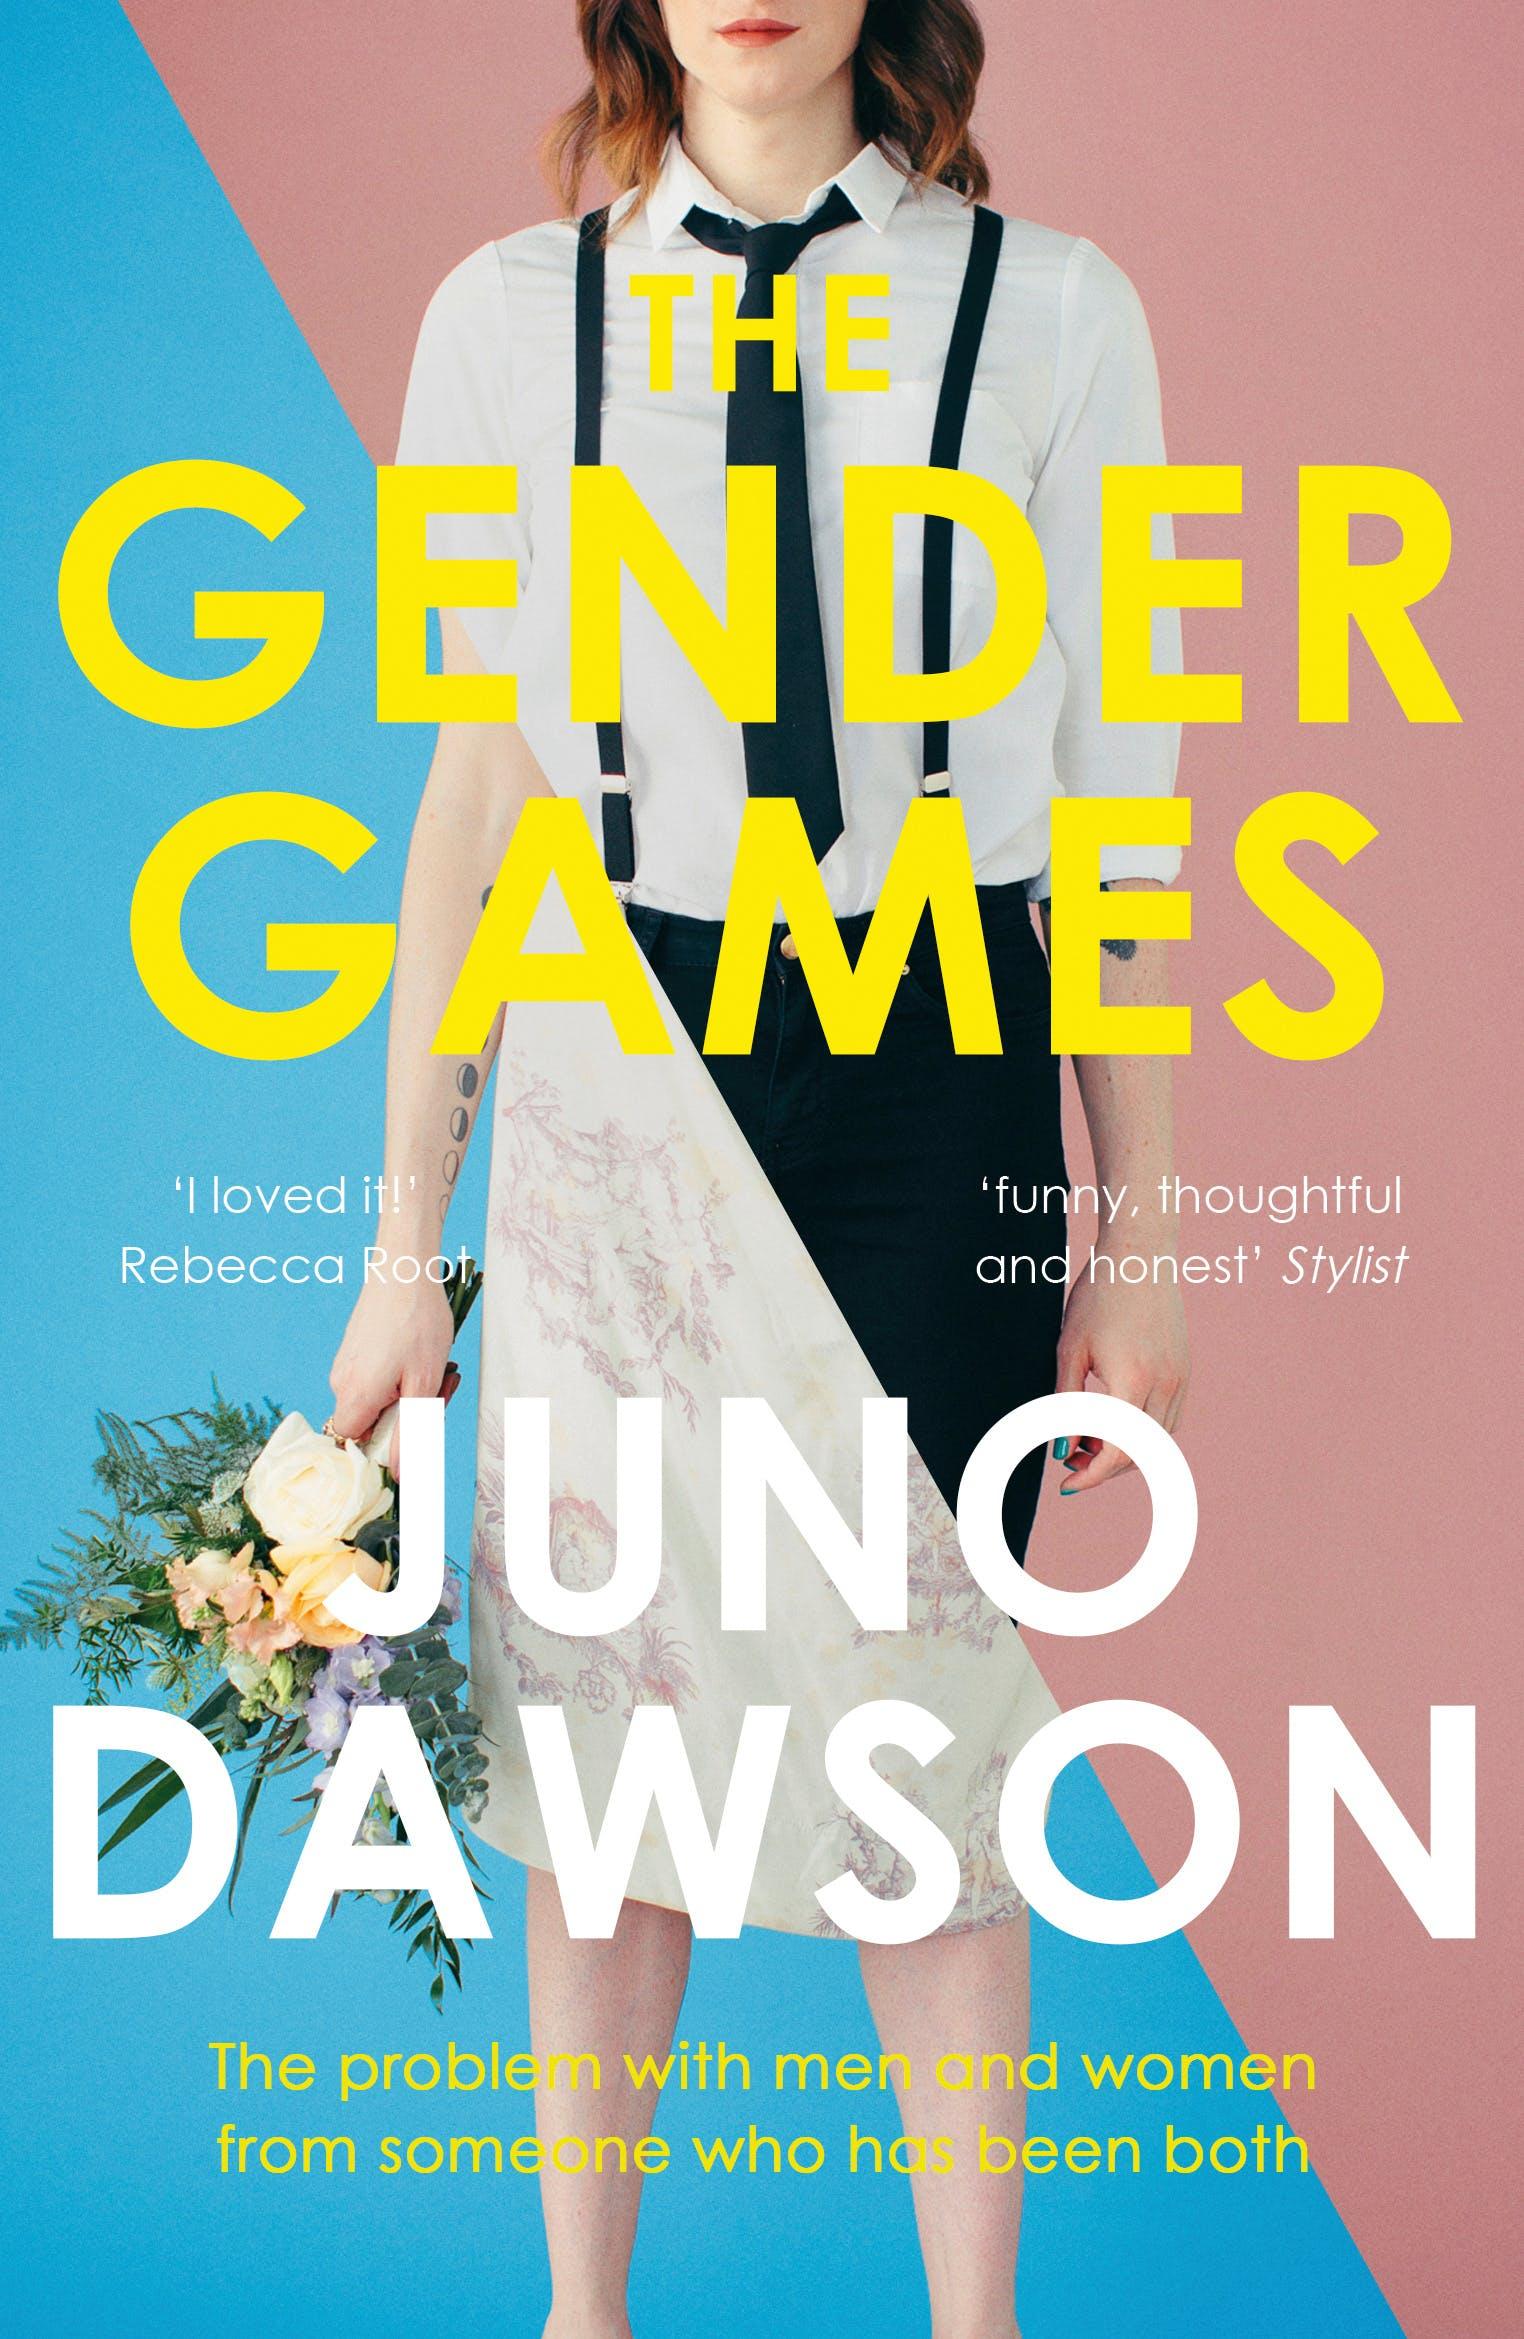 Buchempfehlung: The Gender Games von Juno Dawson